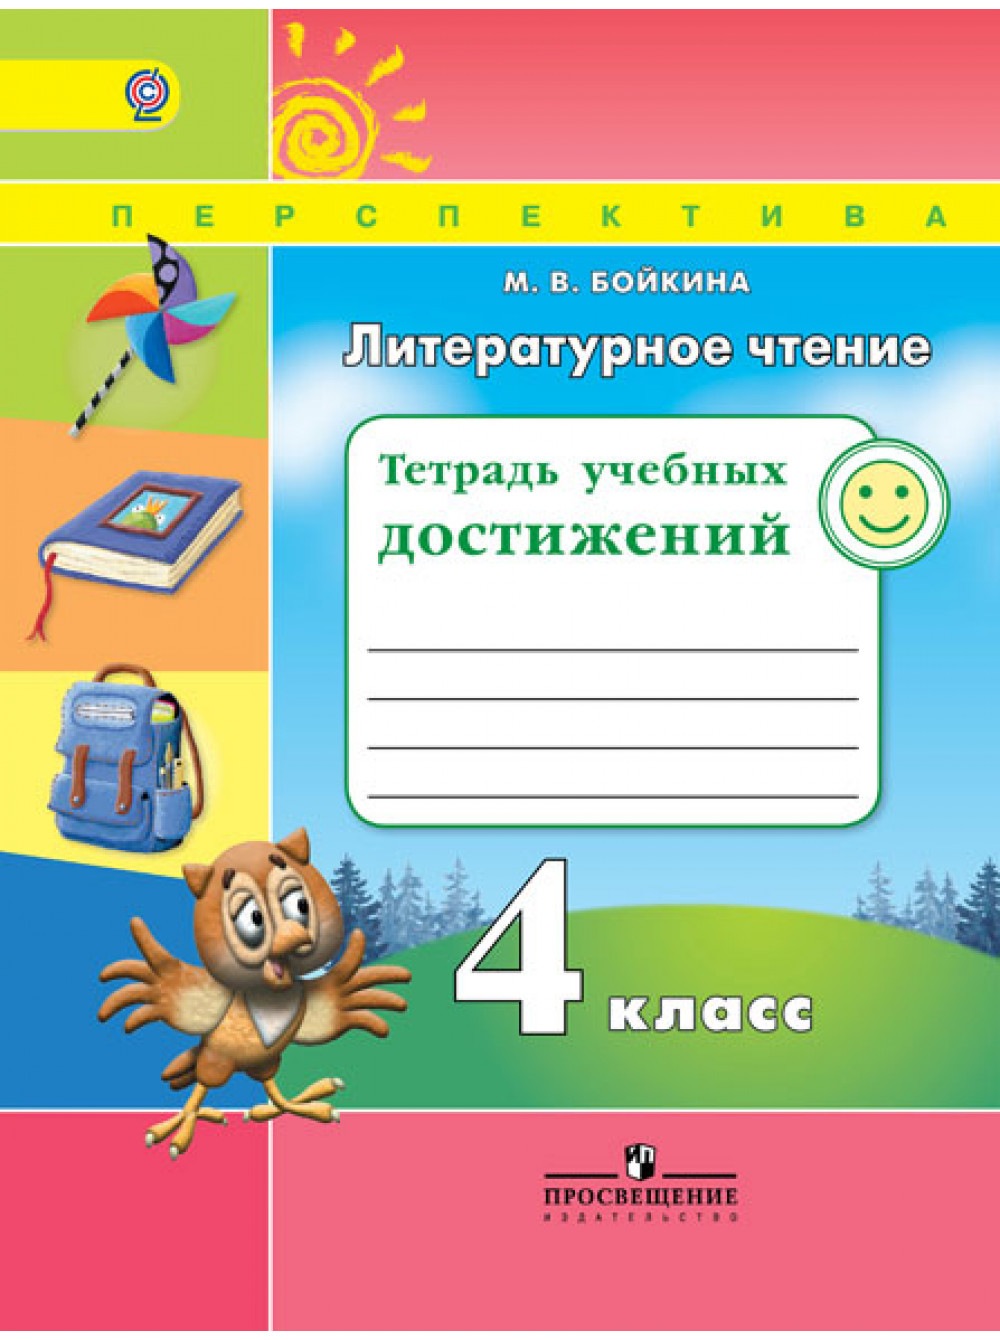 Бойкина, литературное Чтение, тетрадь Учебных Достижений, 4 класс перспектива